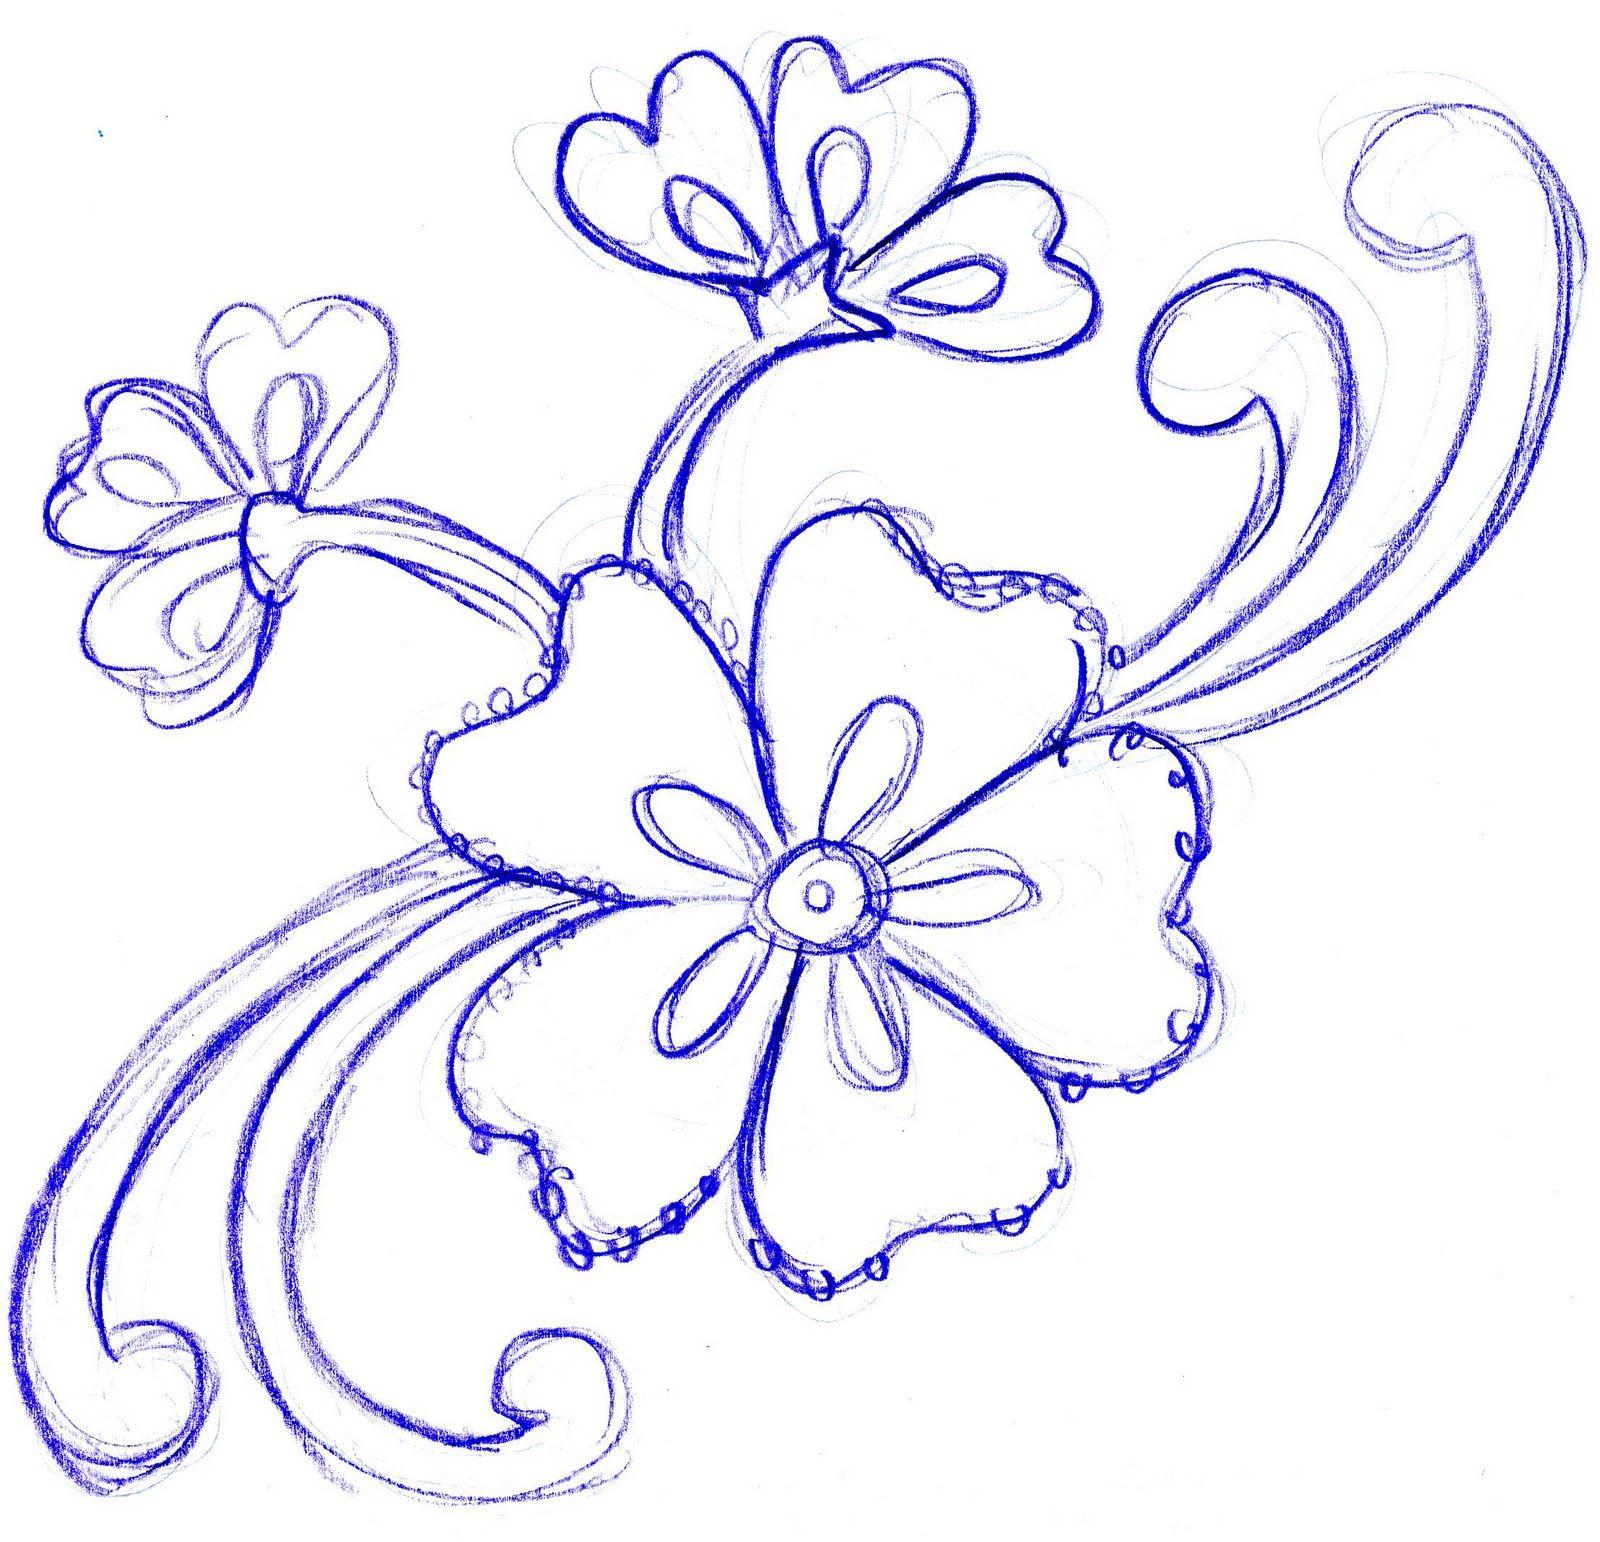 sketches of flowers - Google Search   Handwerk idees   Pinterest ...